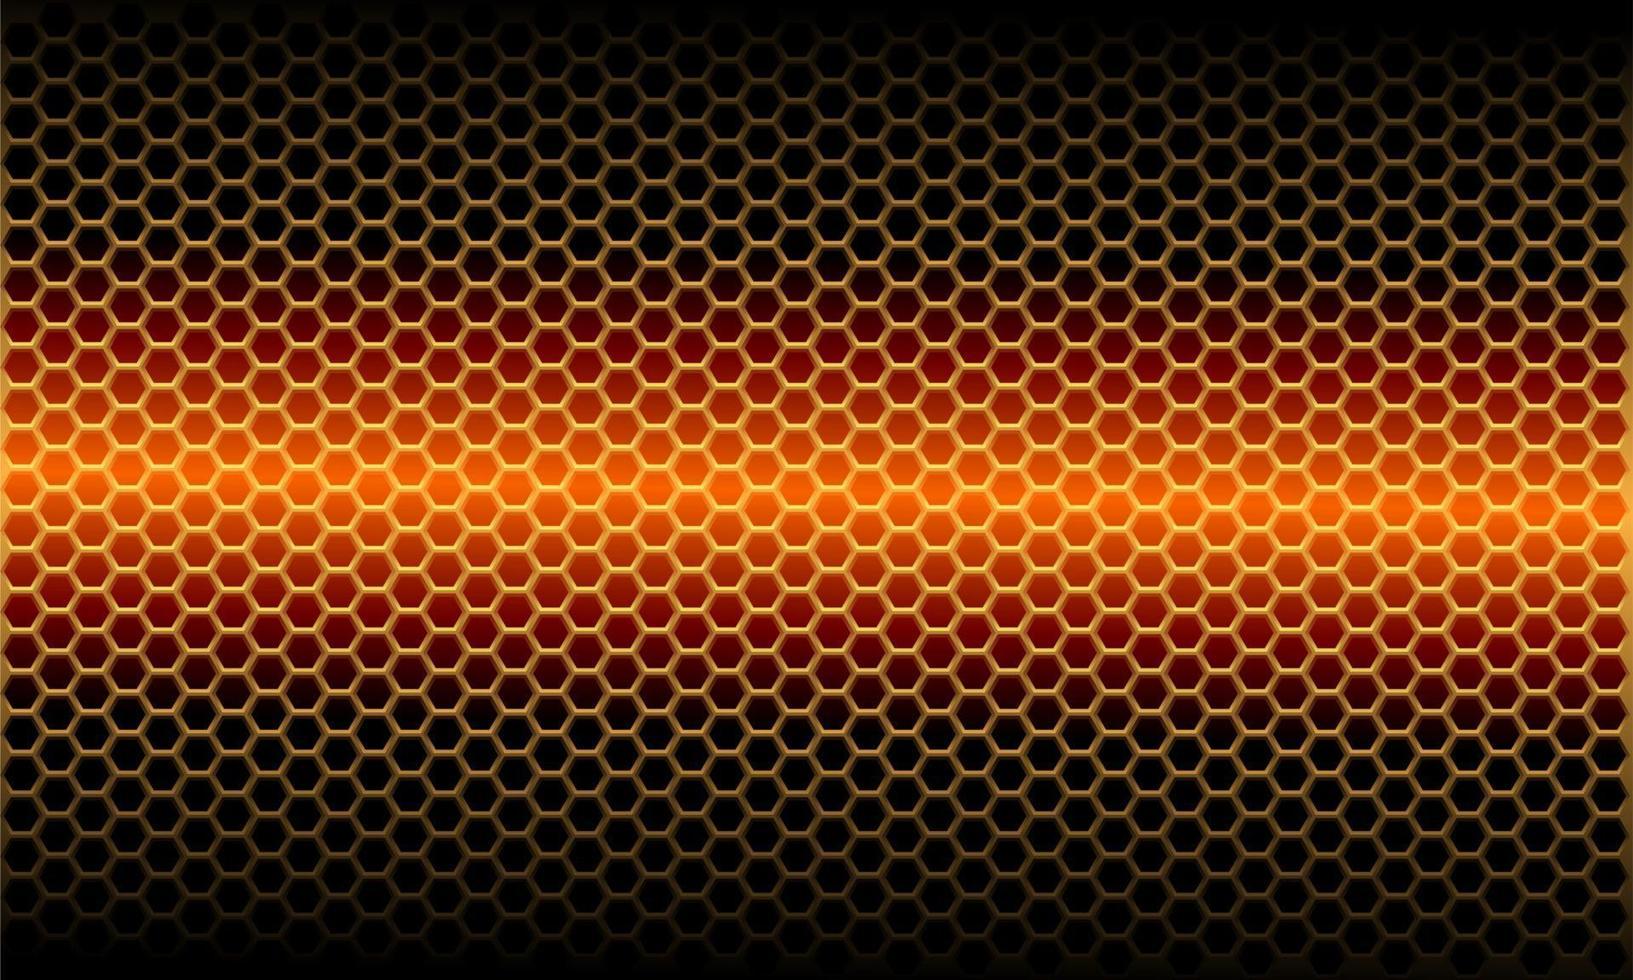 Patrón de malla hexagonal metálica ligera naranja abstracta en diseño negro moderno fondo futurista ilustración vectorial. vector